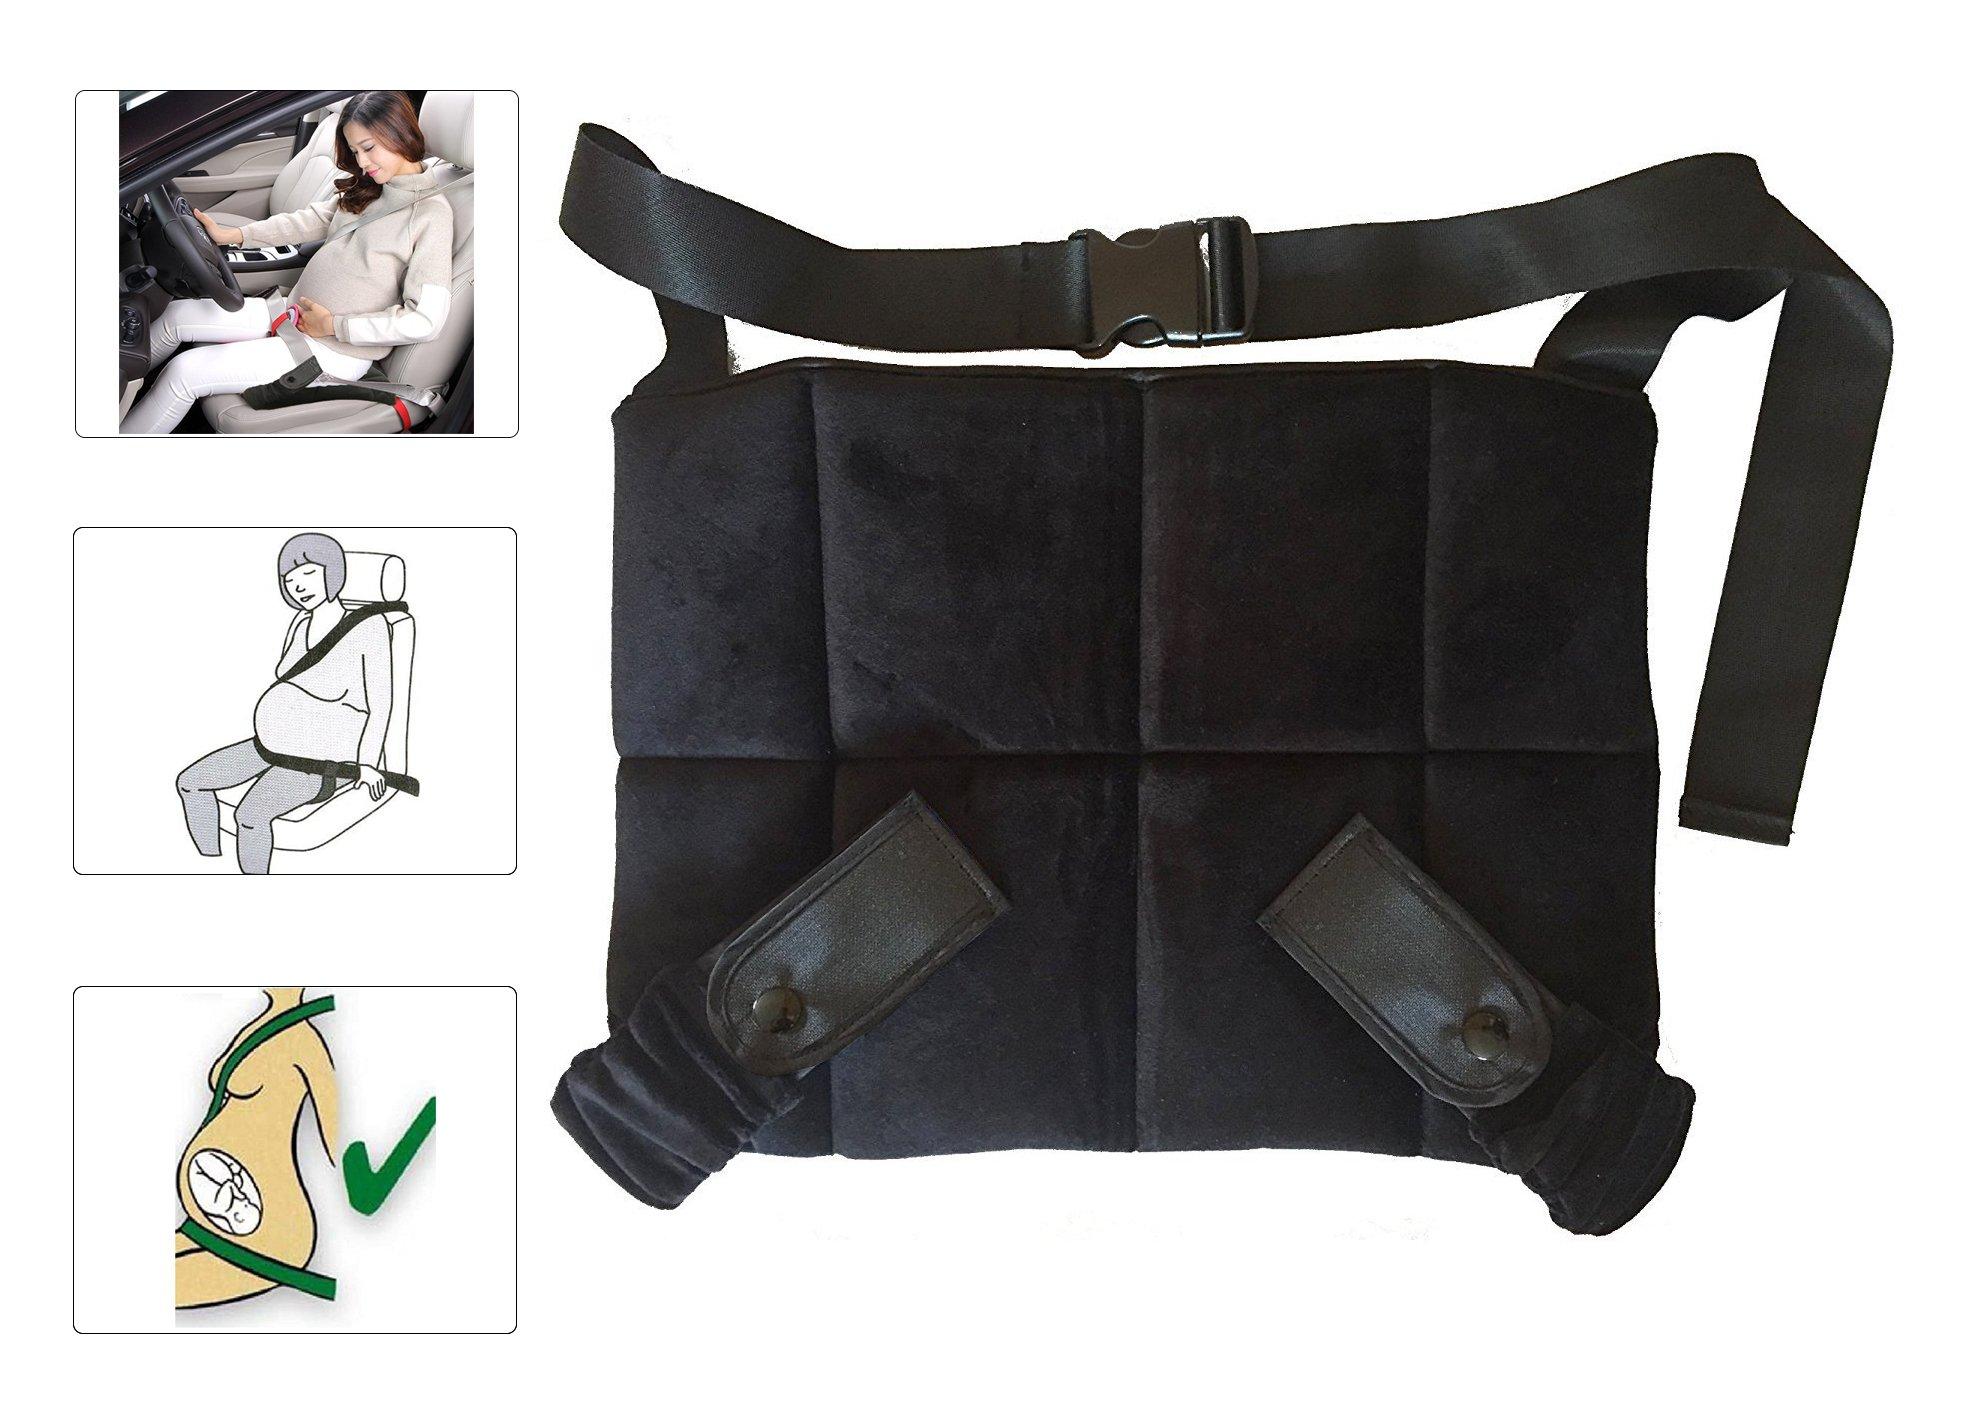 Protector Cinturón Embarazada, CompraFun Cinturón Maternidad Ajustable, Seguridad y Comodidad para Mujeres Embarazadas,